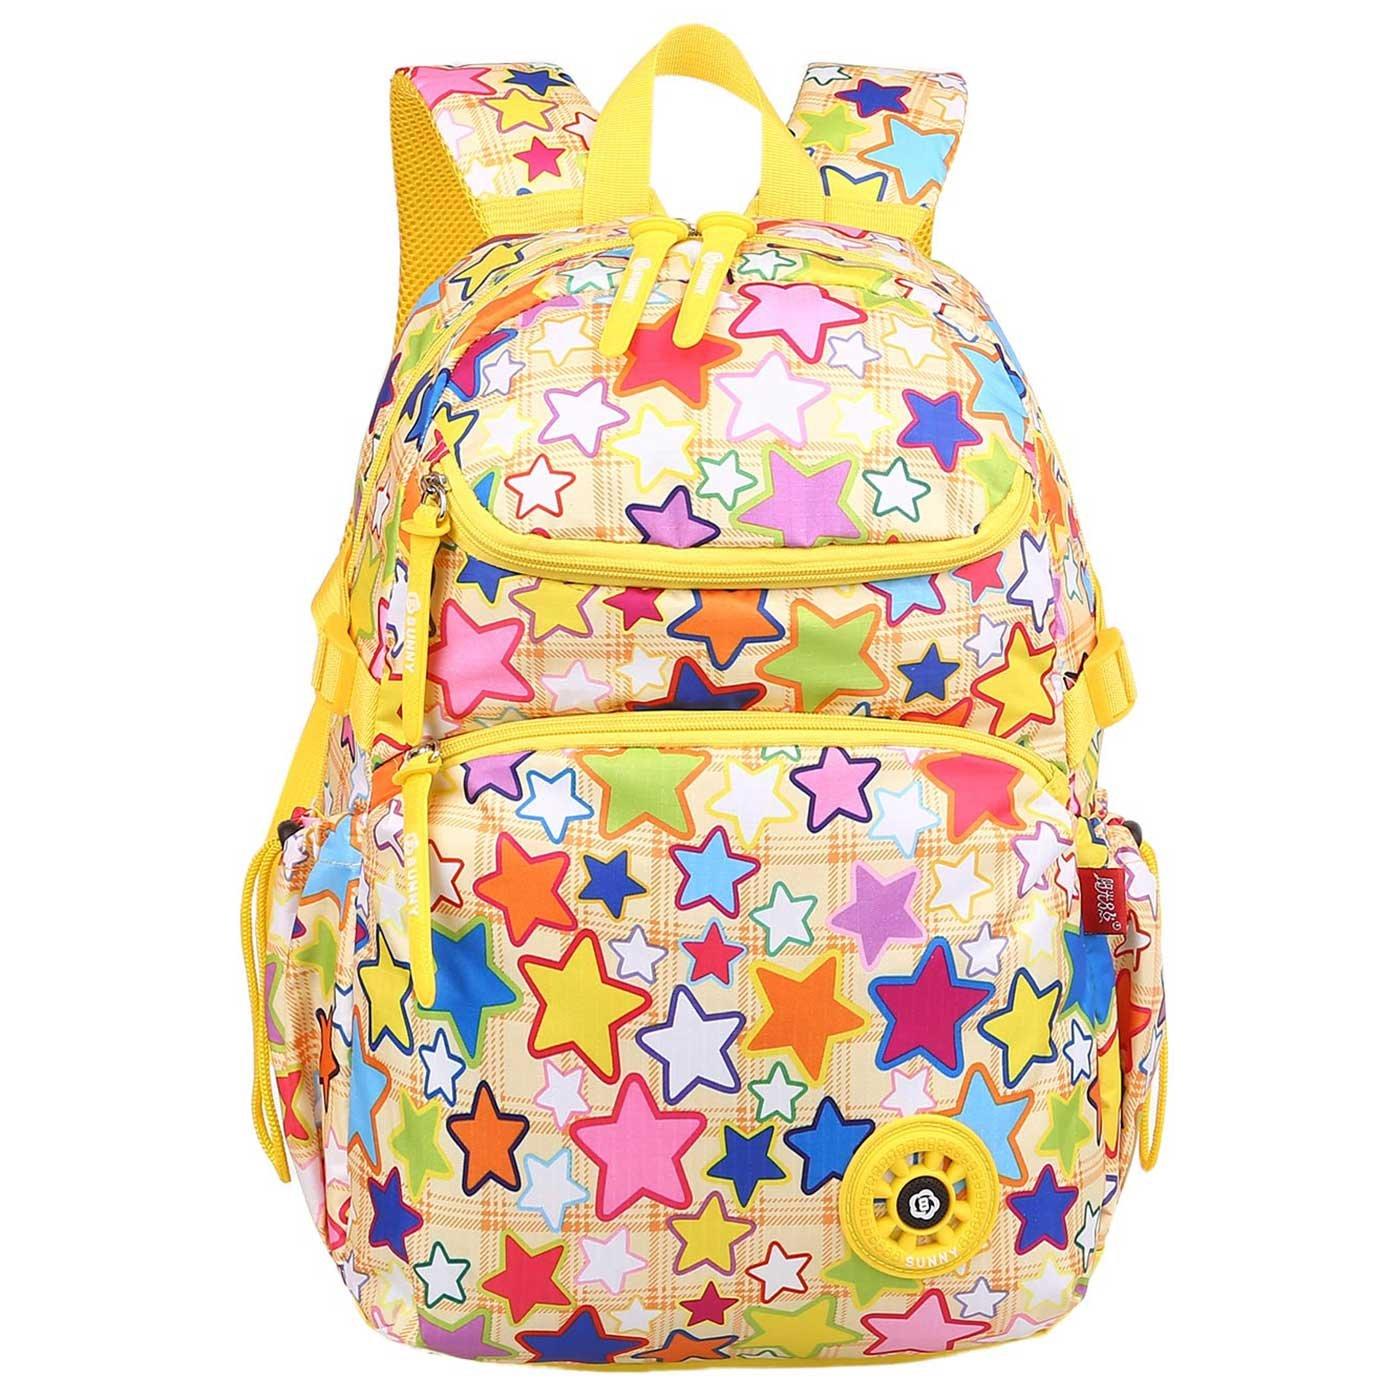 小学生の子供のための日曜日の8人の女の子の多彩なランドセルはバックパックの軽量をからかいます   B07FSR2BNS